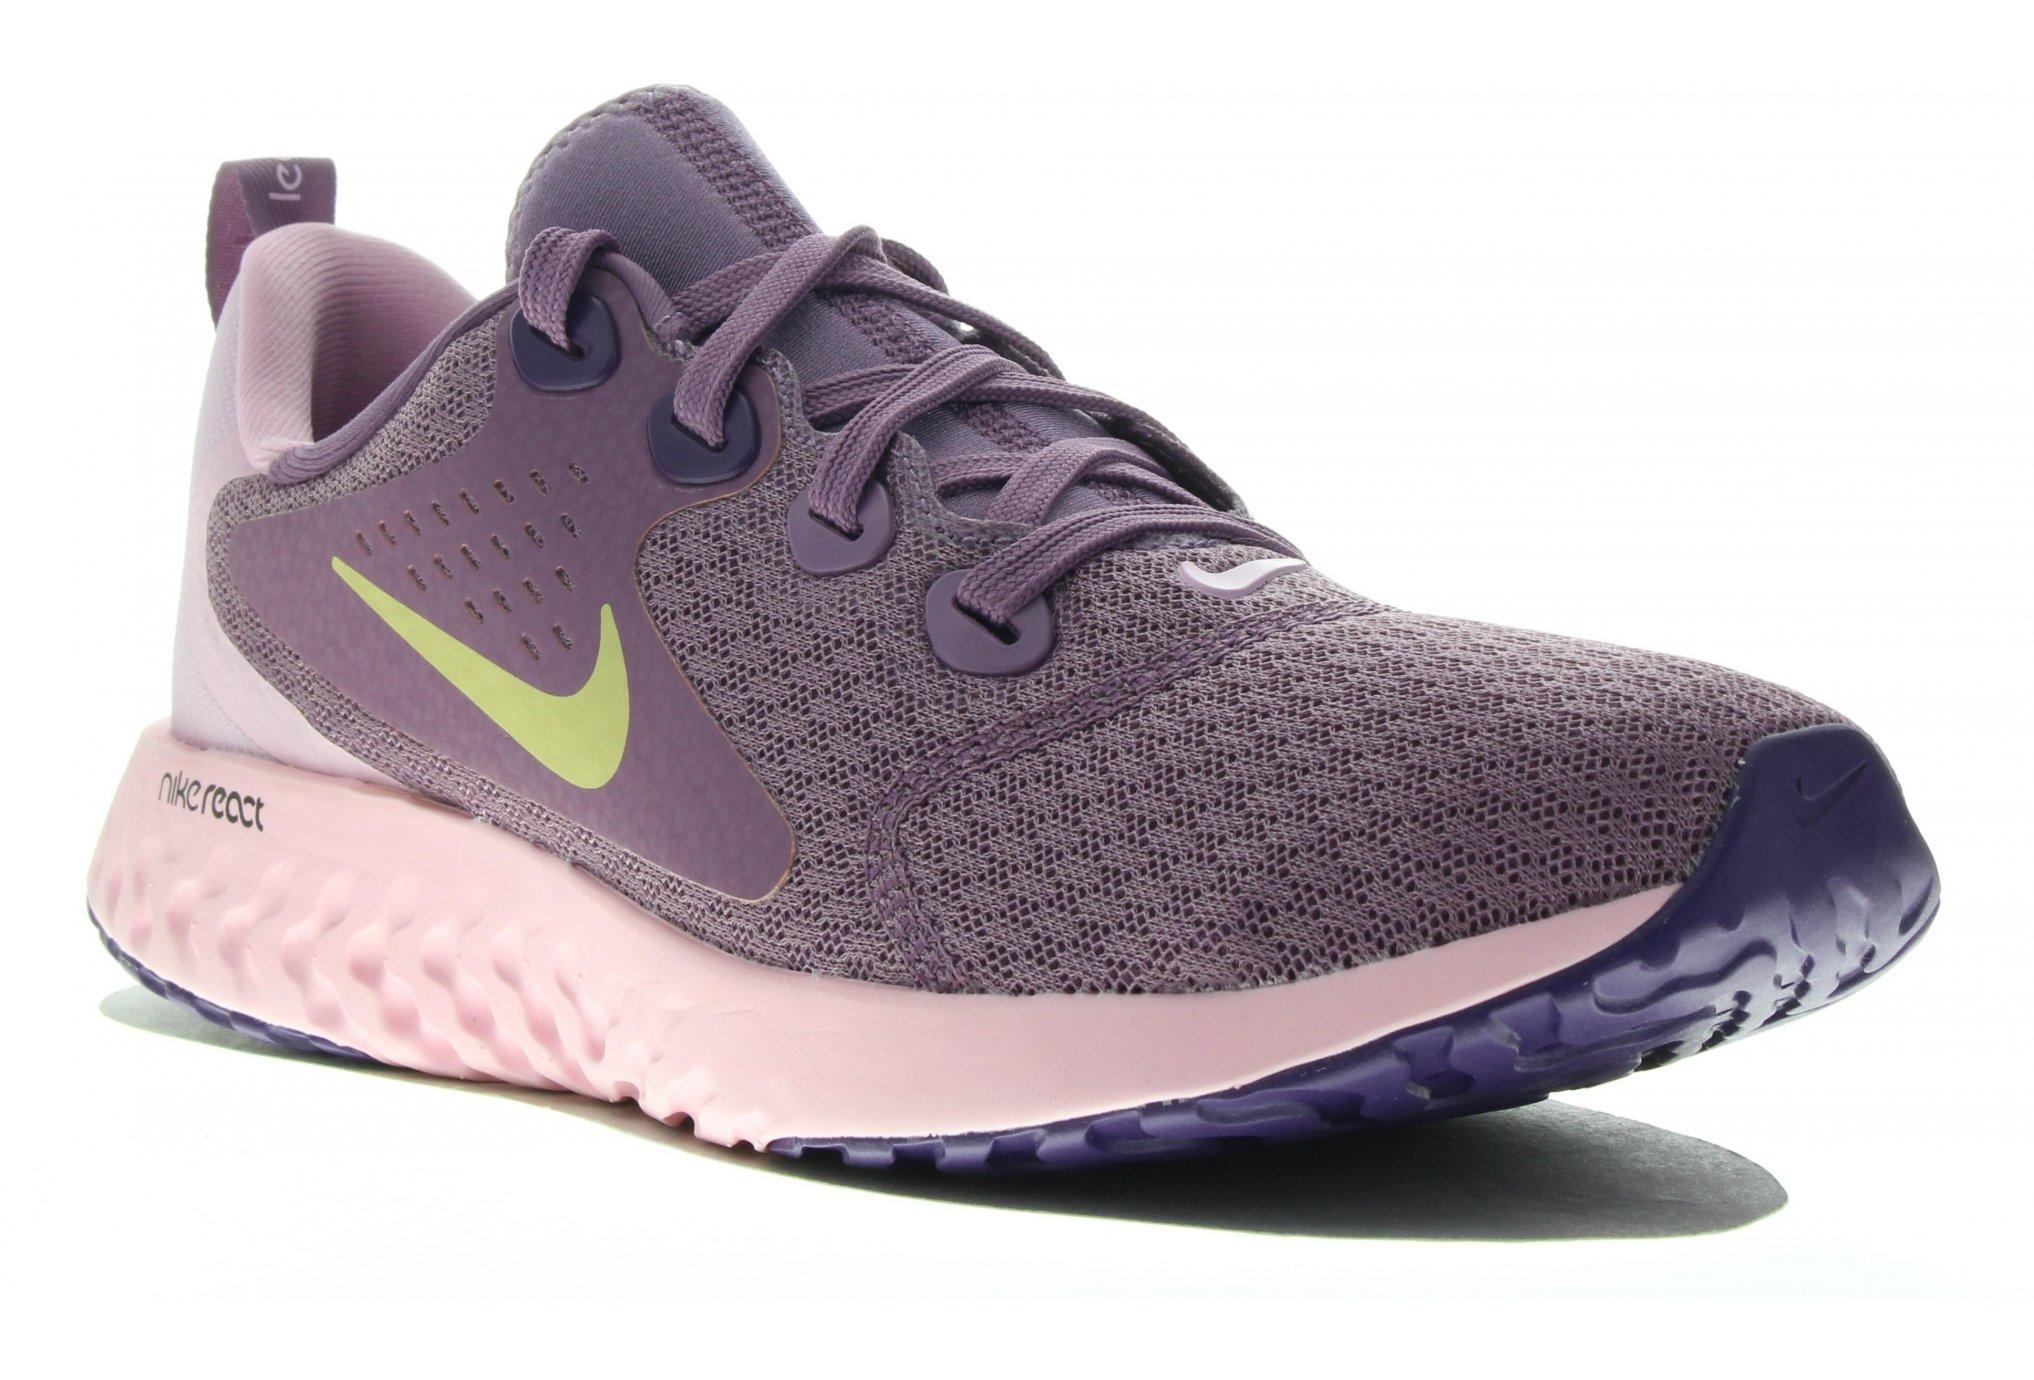 Nike Legend React Fille Chaussures running femme